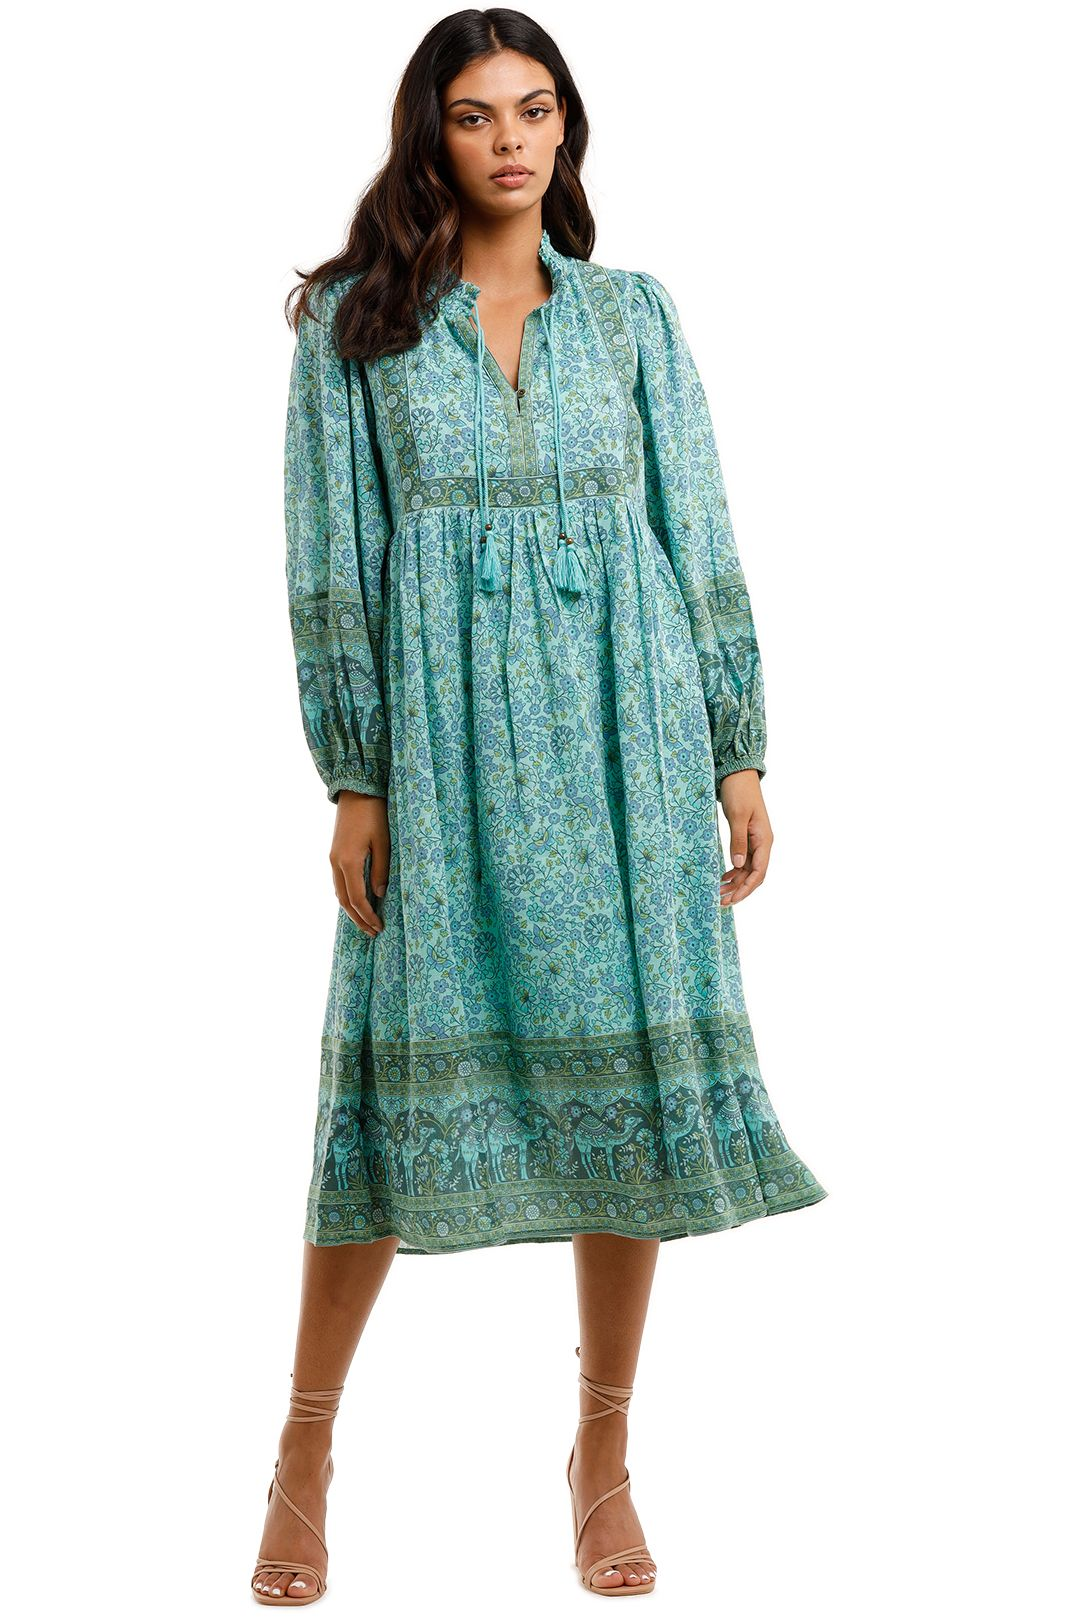 Spell Sundown Boho Dress Turquoise